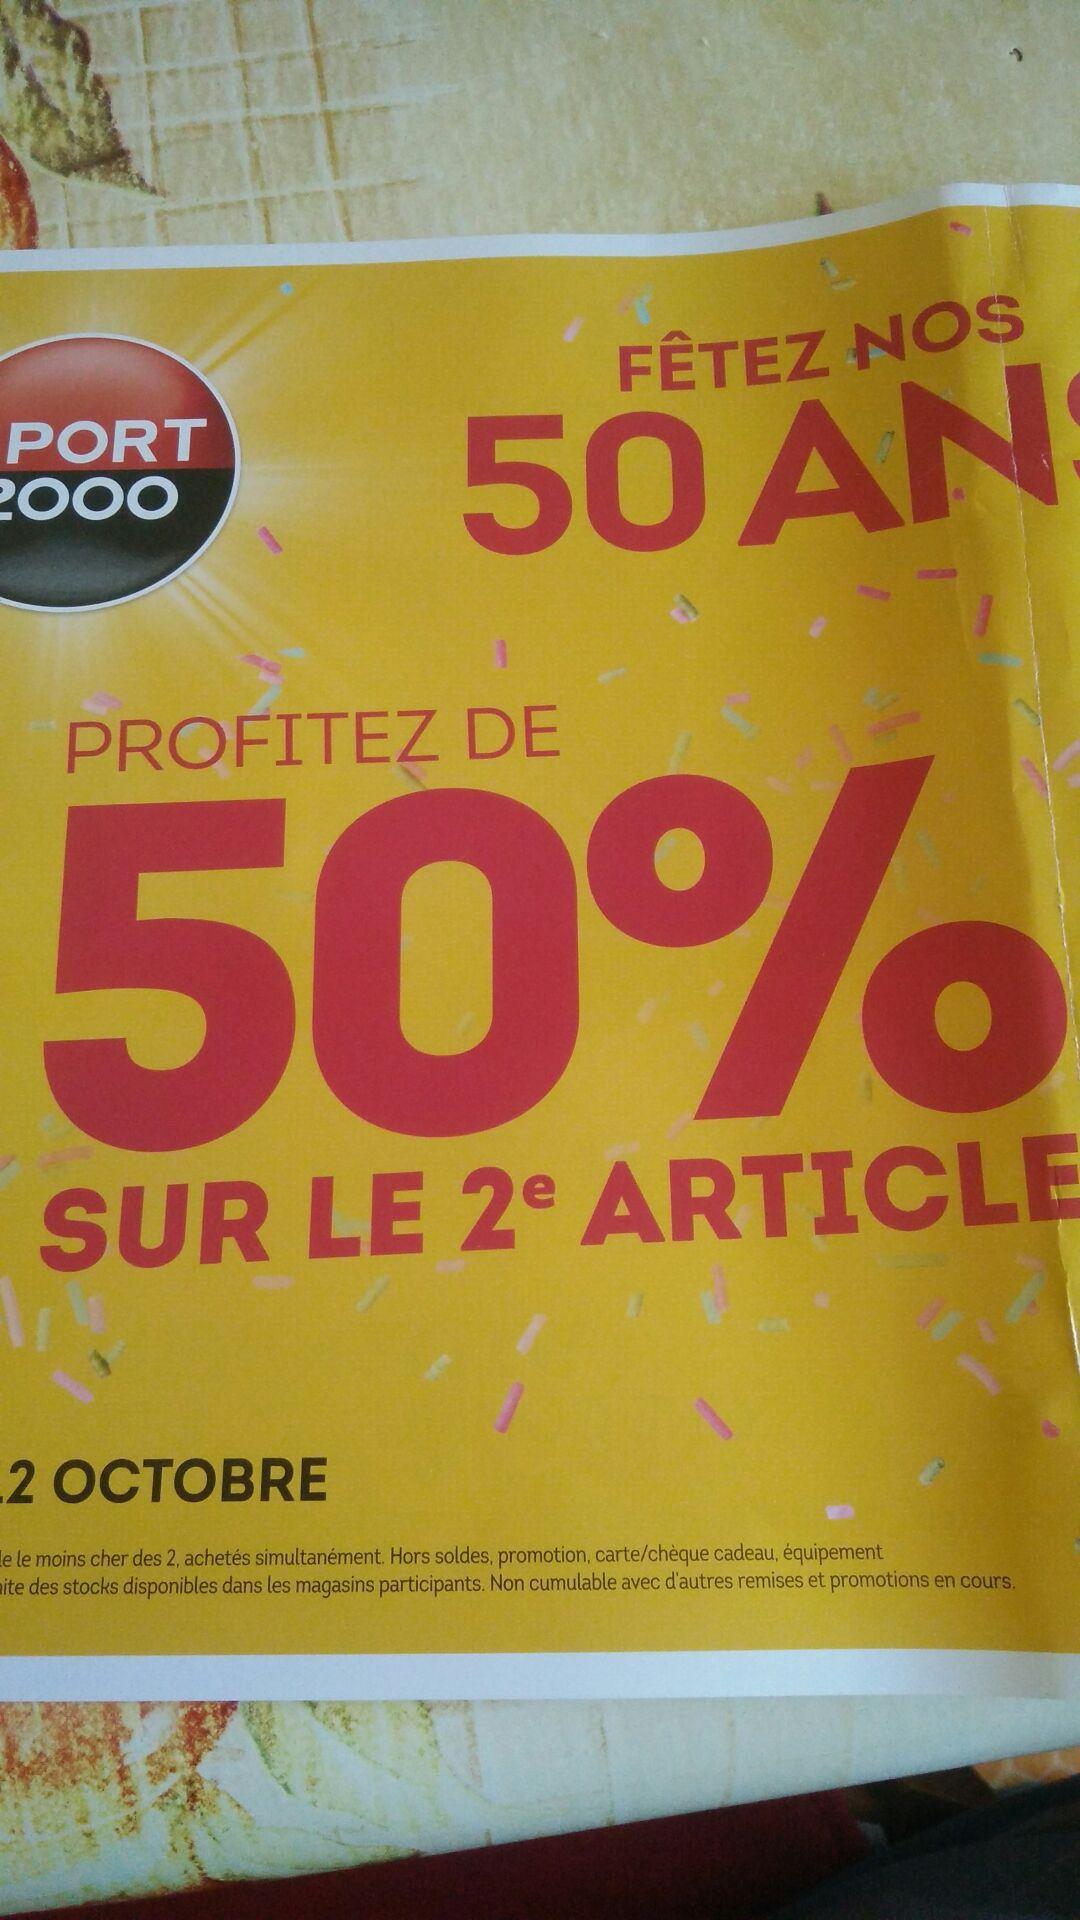 1 Article acheté = 50% de réduction sur le 2ème article